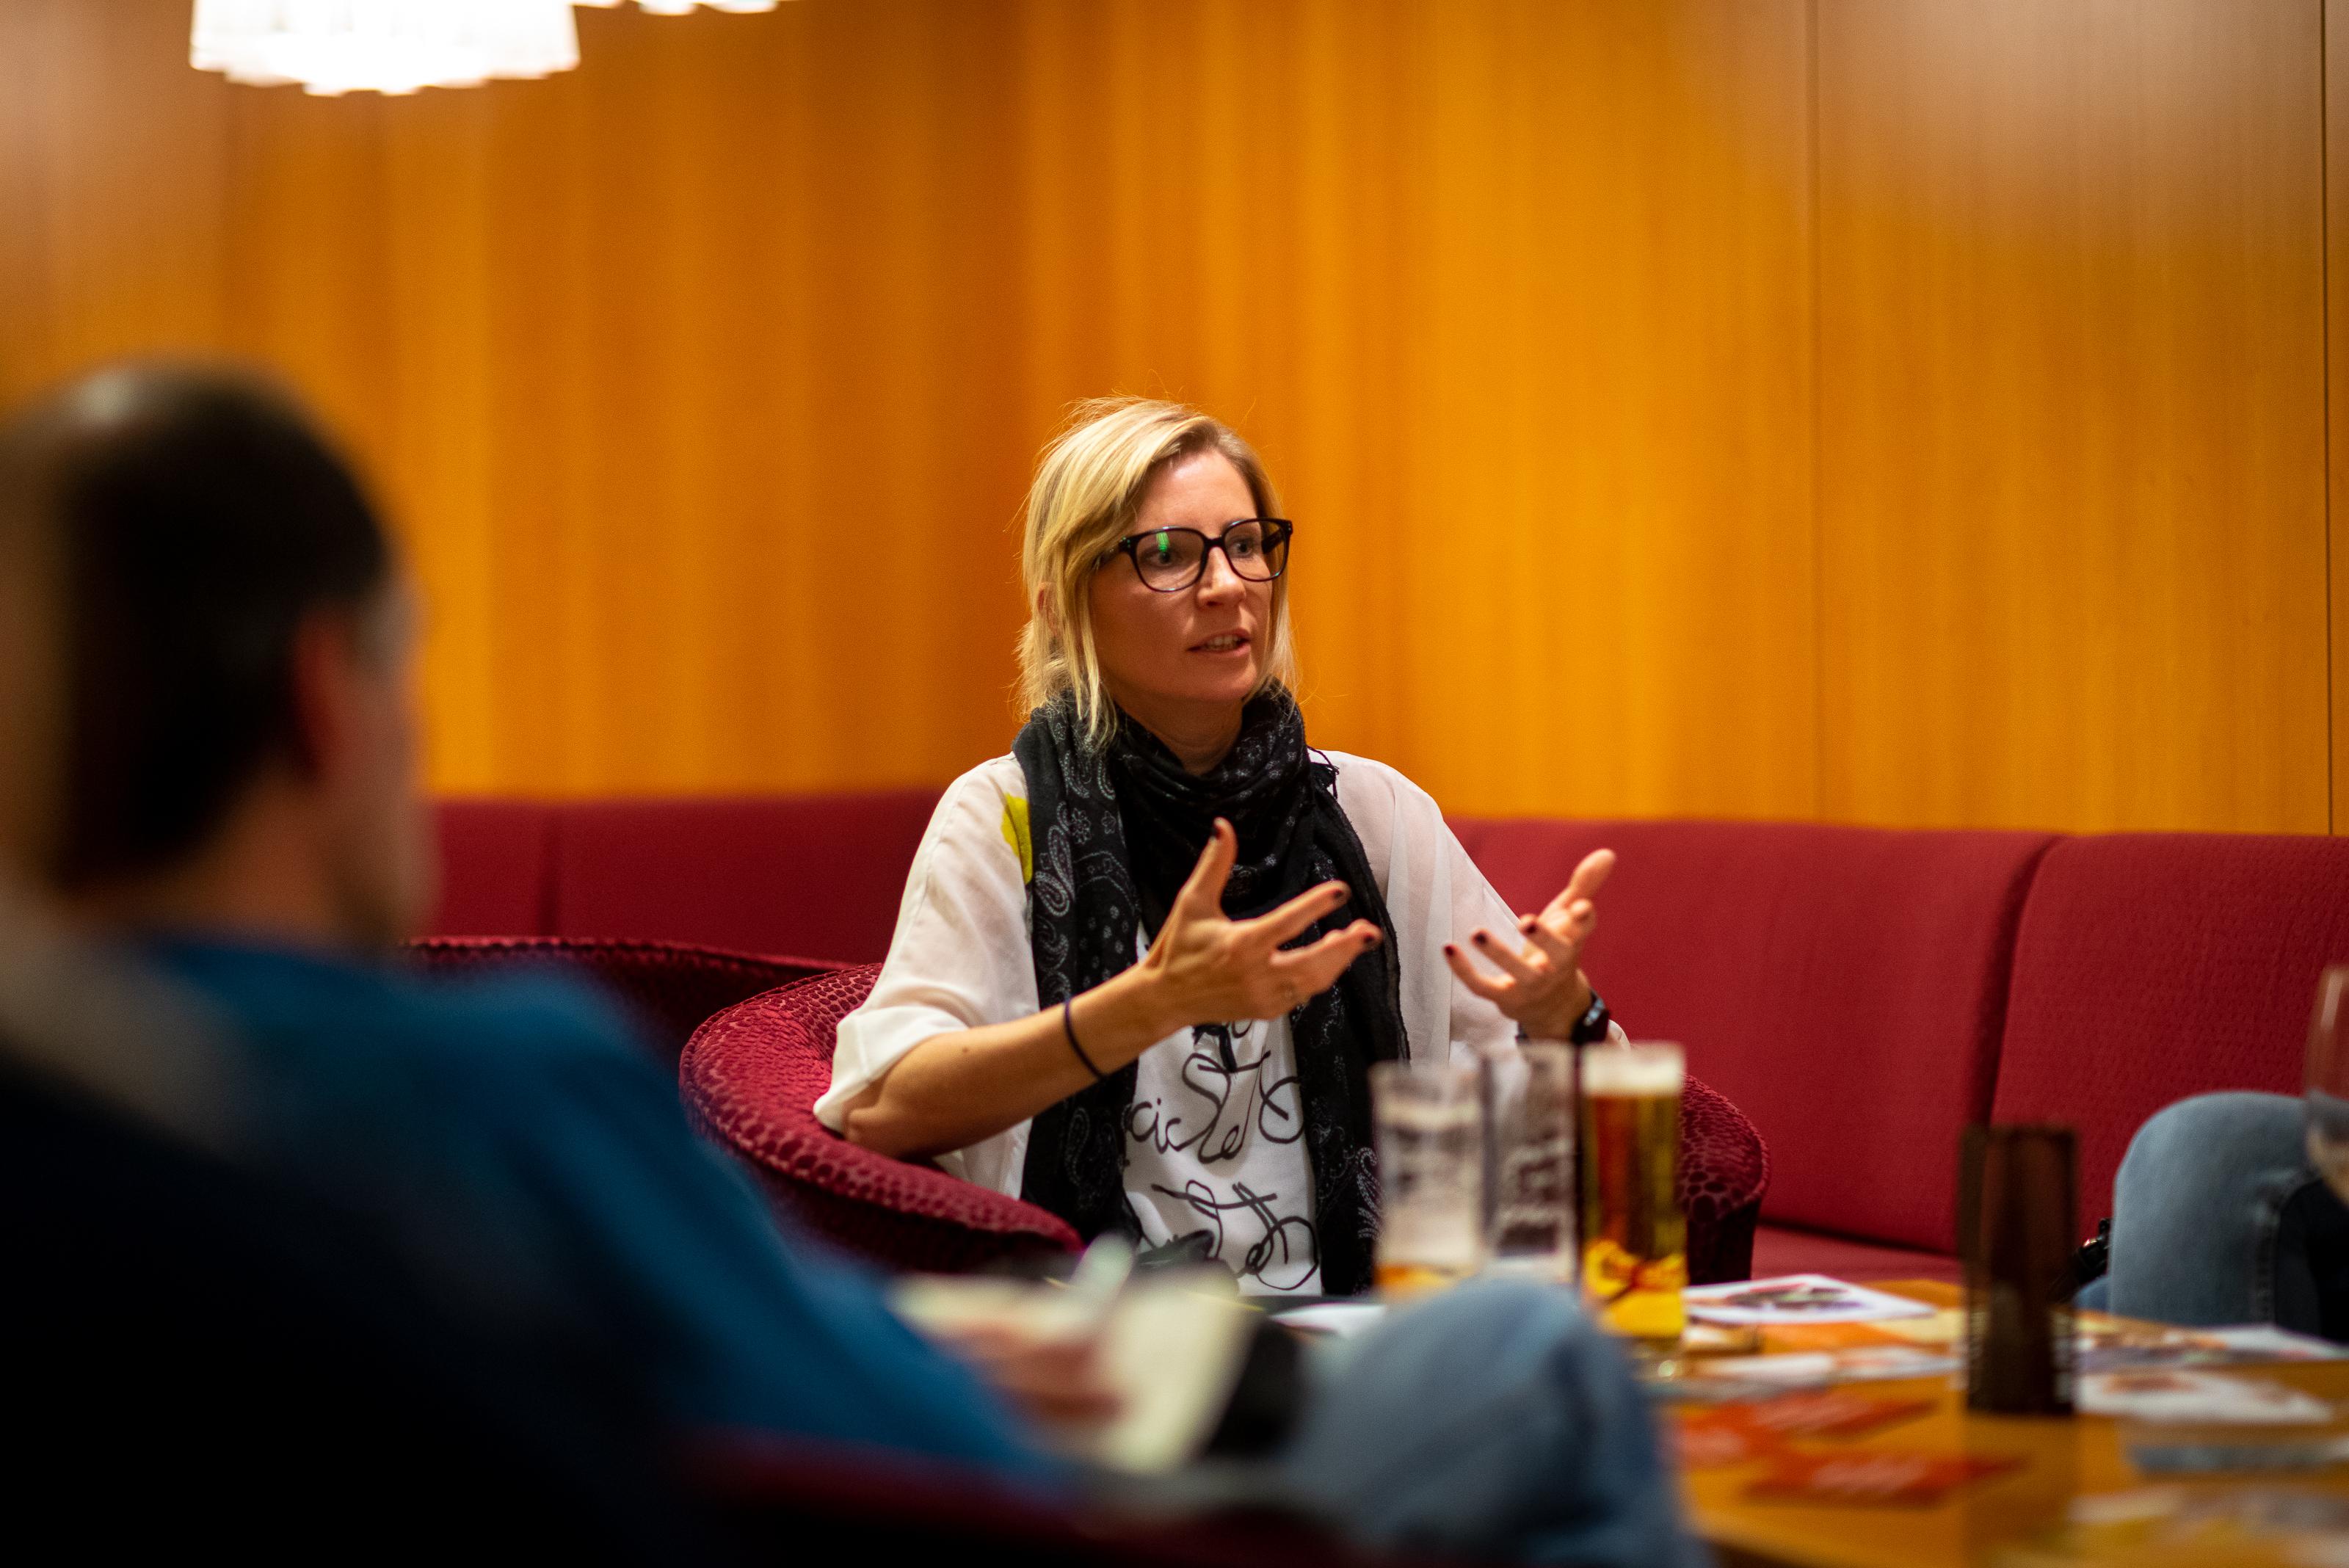 """Lange Nacht der Philosophie: St. Virgil Salzburg - Dr. Cornelia Bruell übder """"Die Lüge"""". Philosophischer SalonFake-News, Notlügen und Schwindeln aus Höflichkeit."""